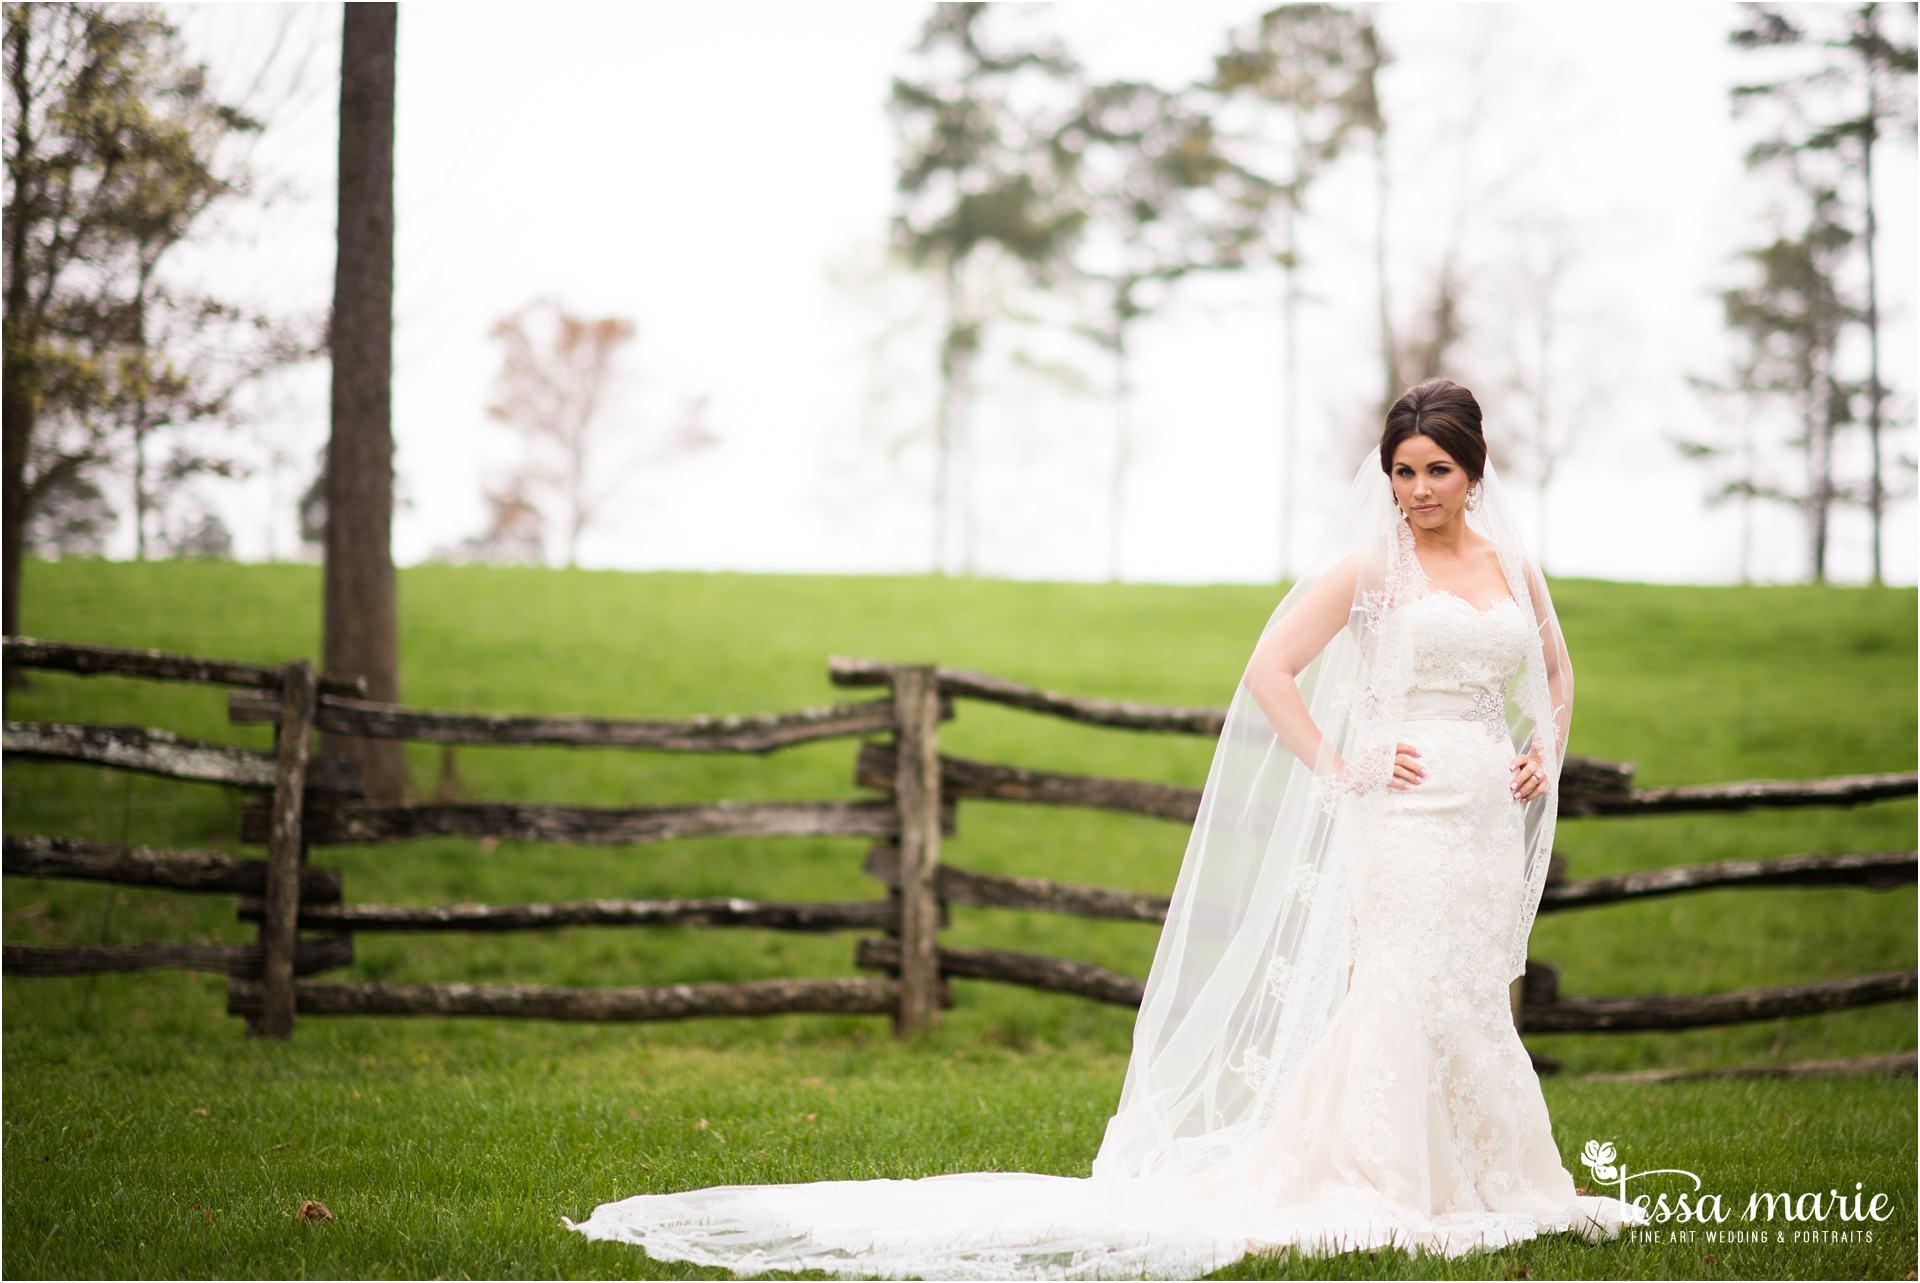 032216_brittany_kevin_wedding-31